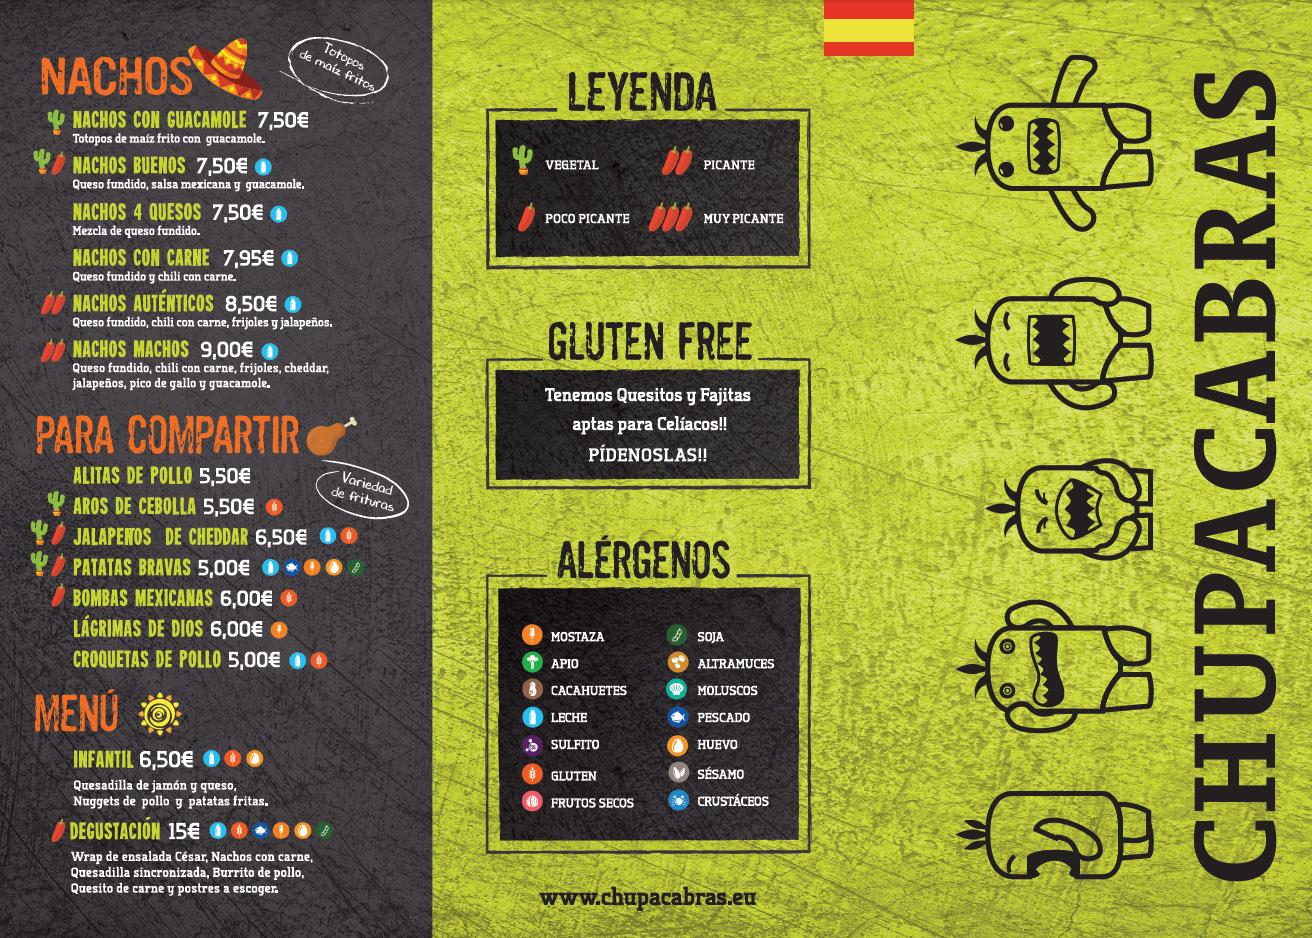 carta del chupacabras restaurante y comida mexicana